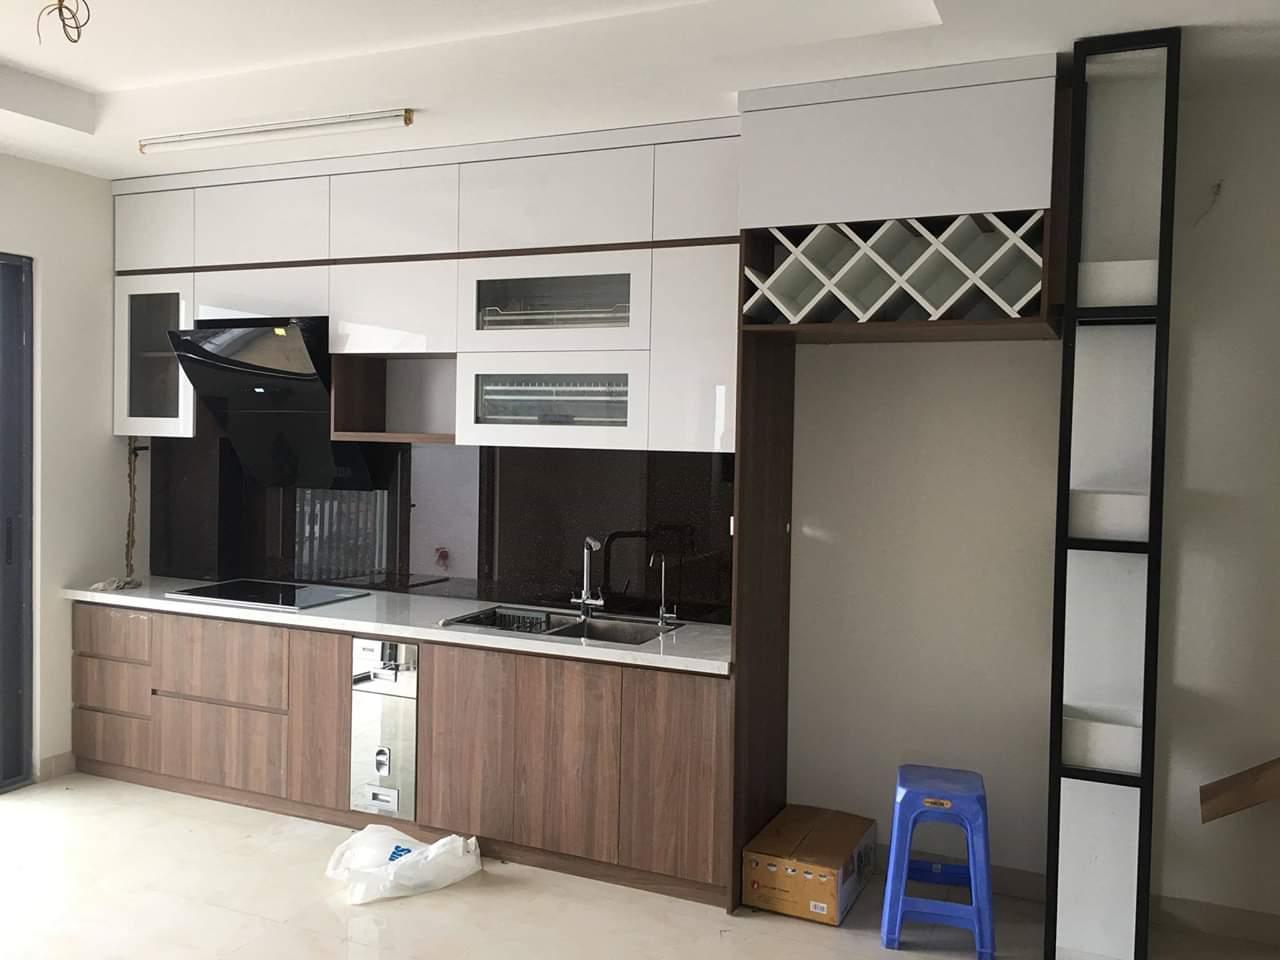 Tủ bếp với thiết kế trẻ trung, hiện đại.